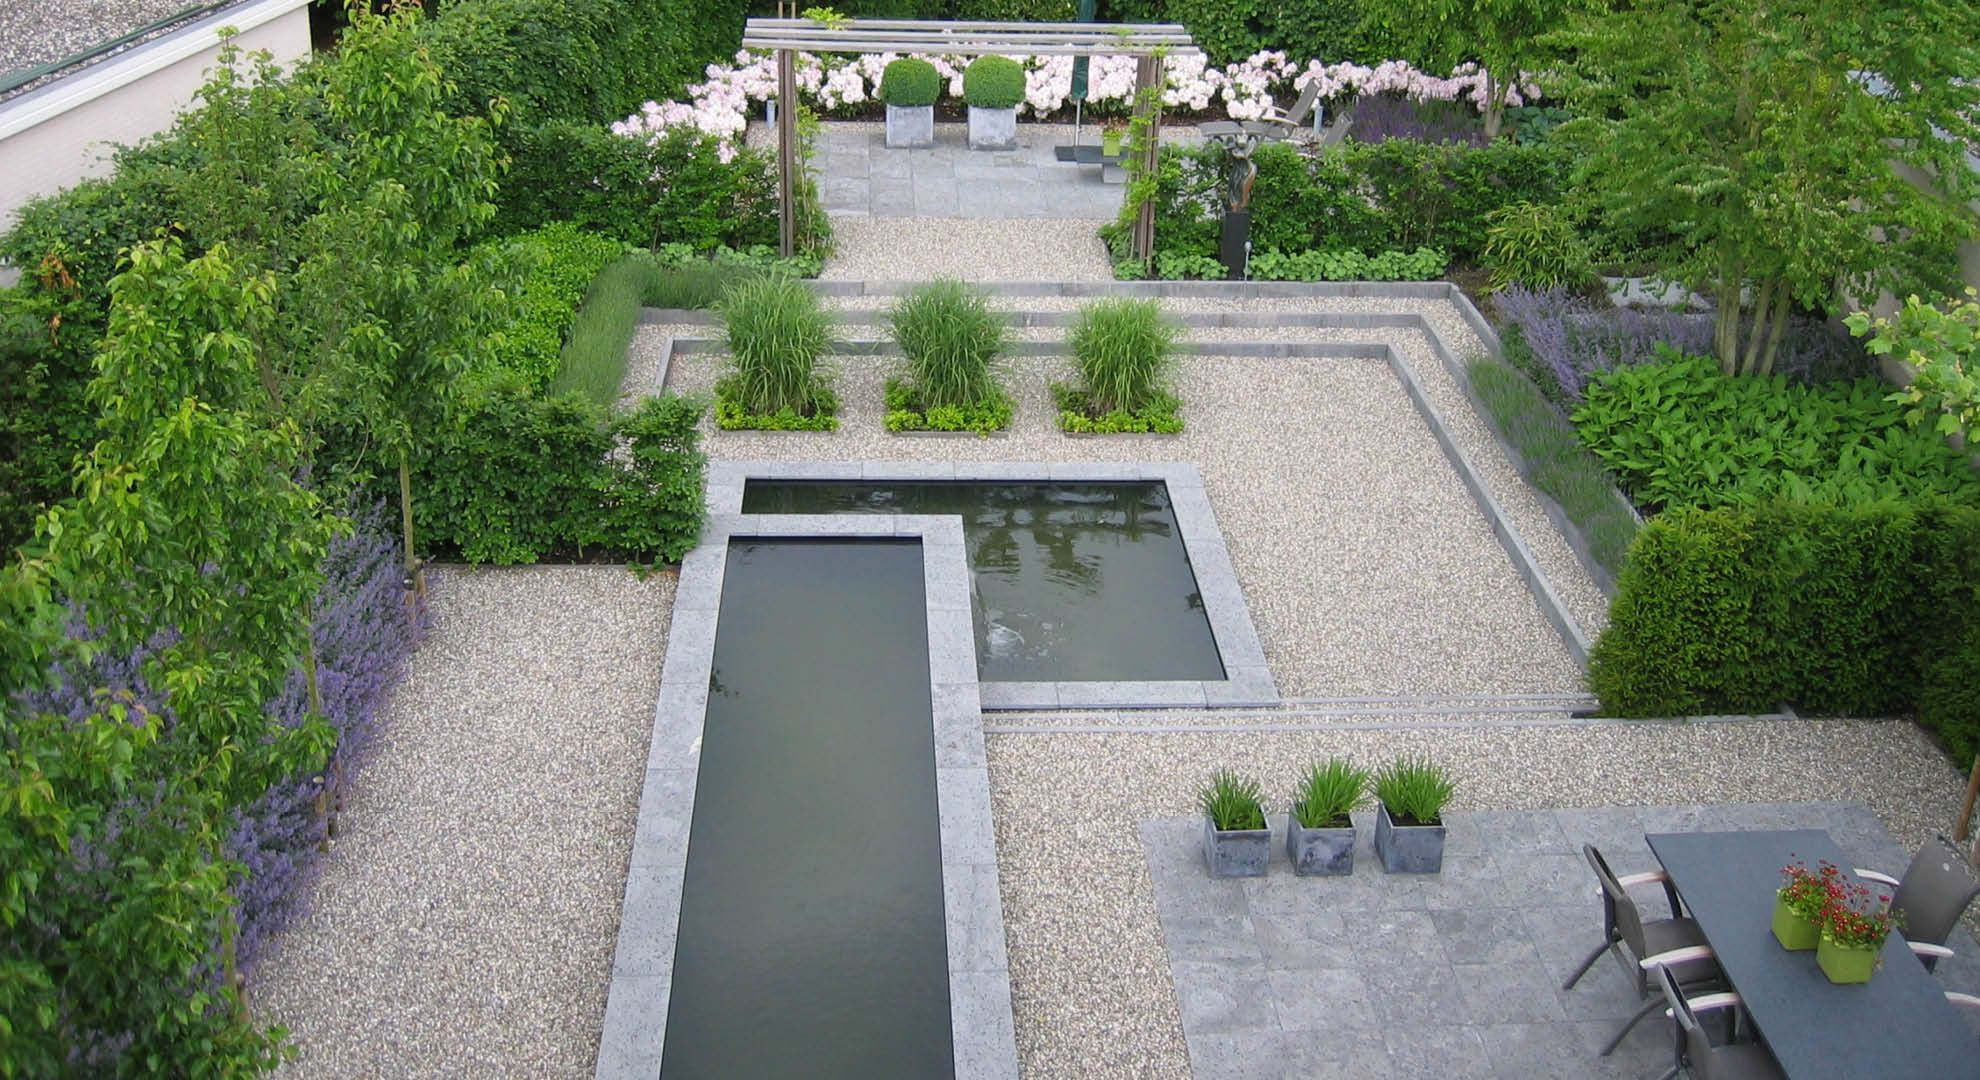 Rodenburg tuinen sierlijke tuin met spiegelvijver met niveauverschillen een ruime tuin met een - Tuin grind decoratief ...